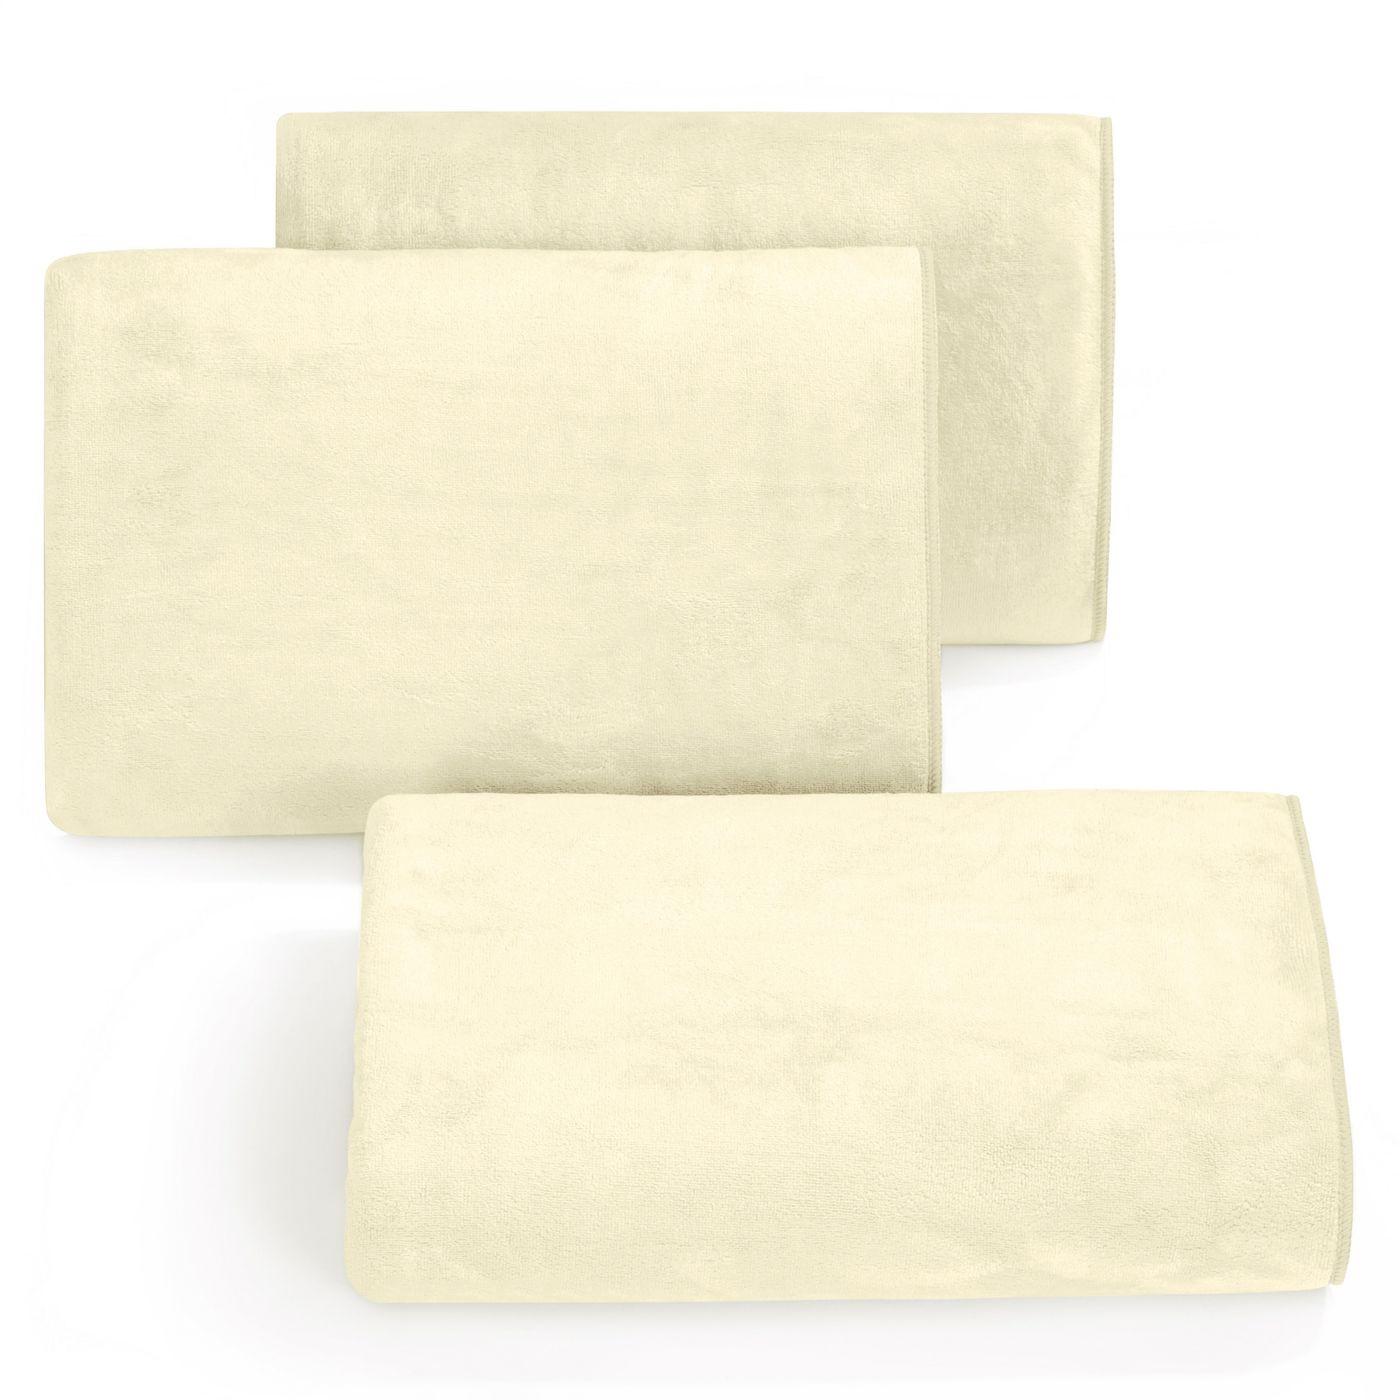 Ręcznik z mikrofibry szybkoschnący kremowy 70x140cm